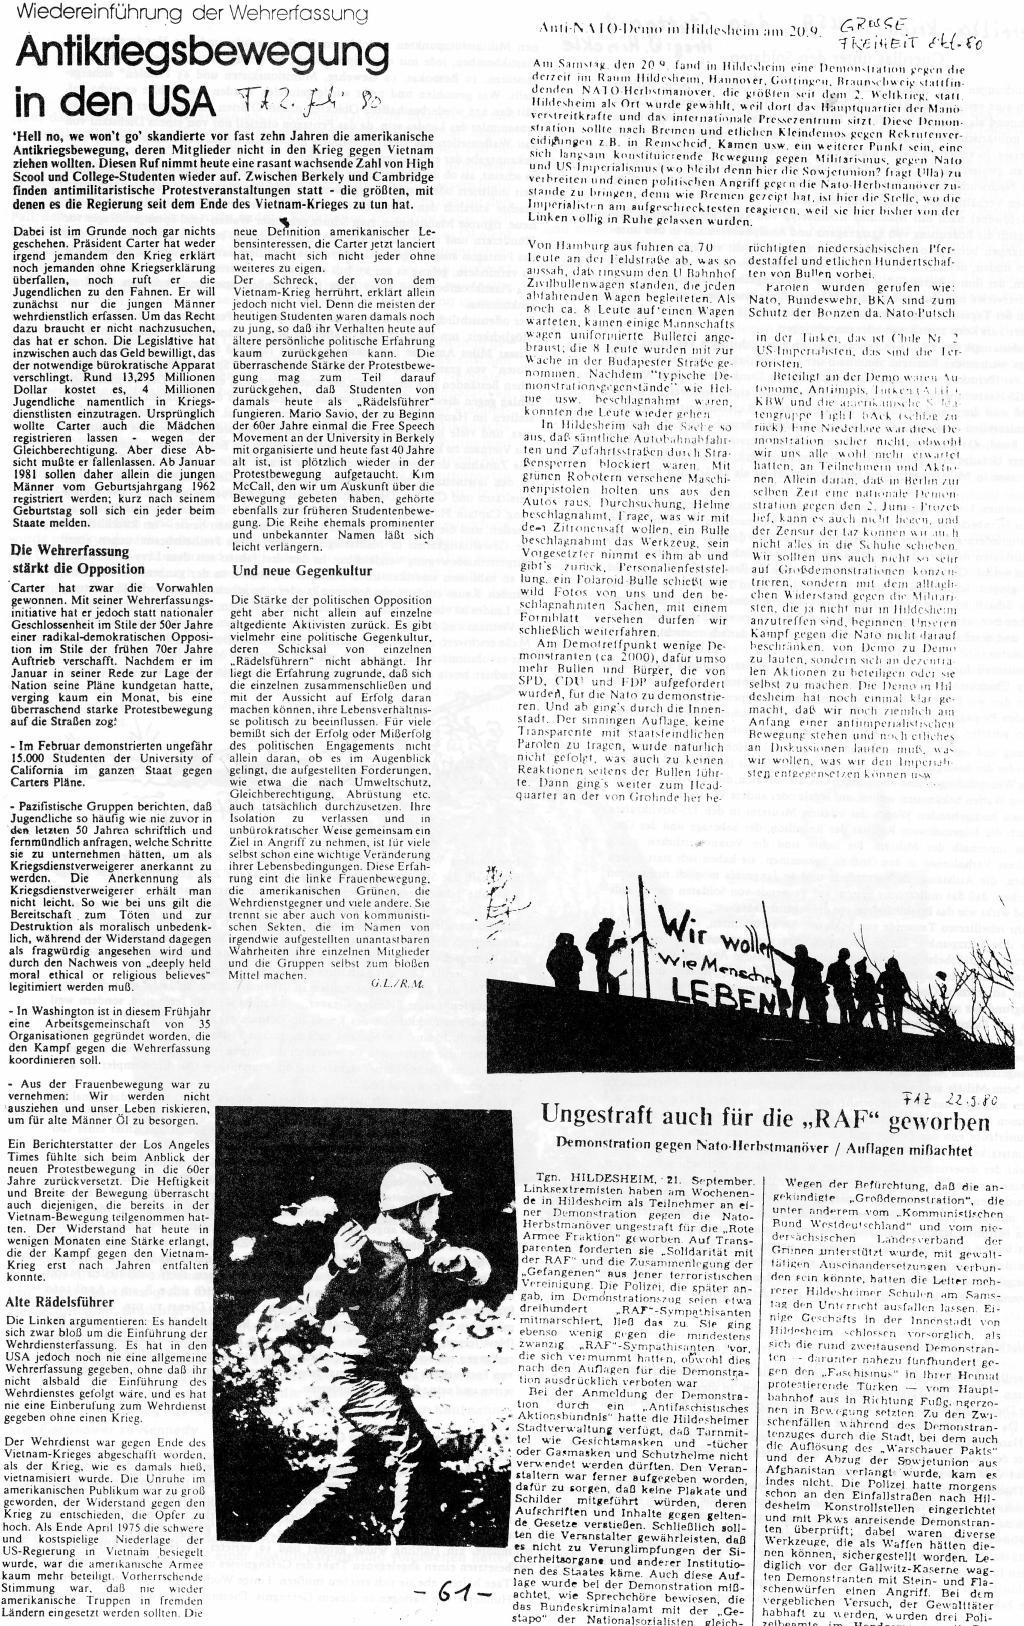 Bremen_1980_NATO_Broschuere_61